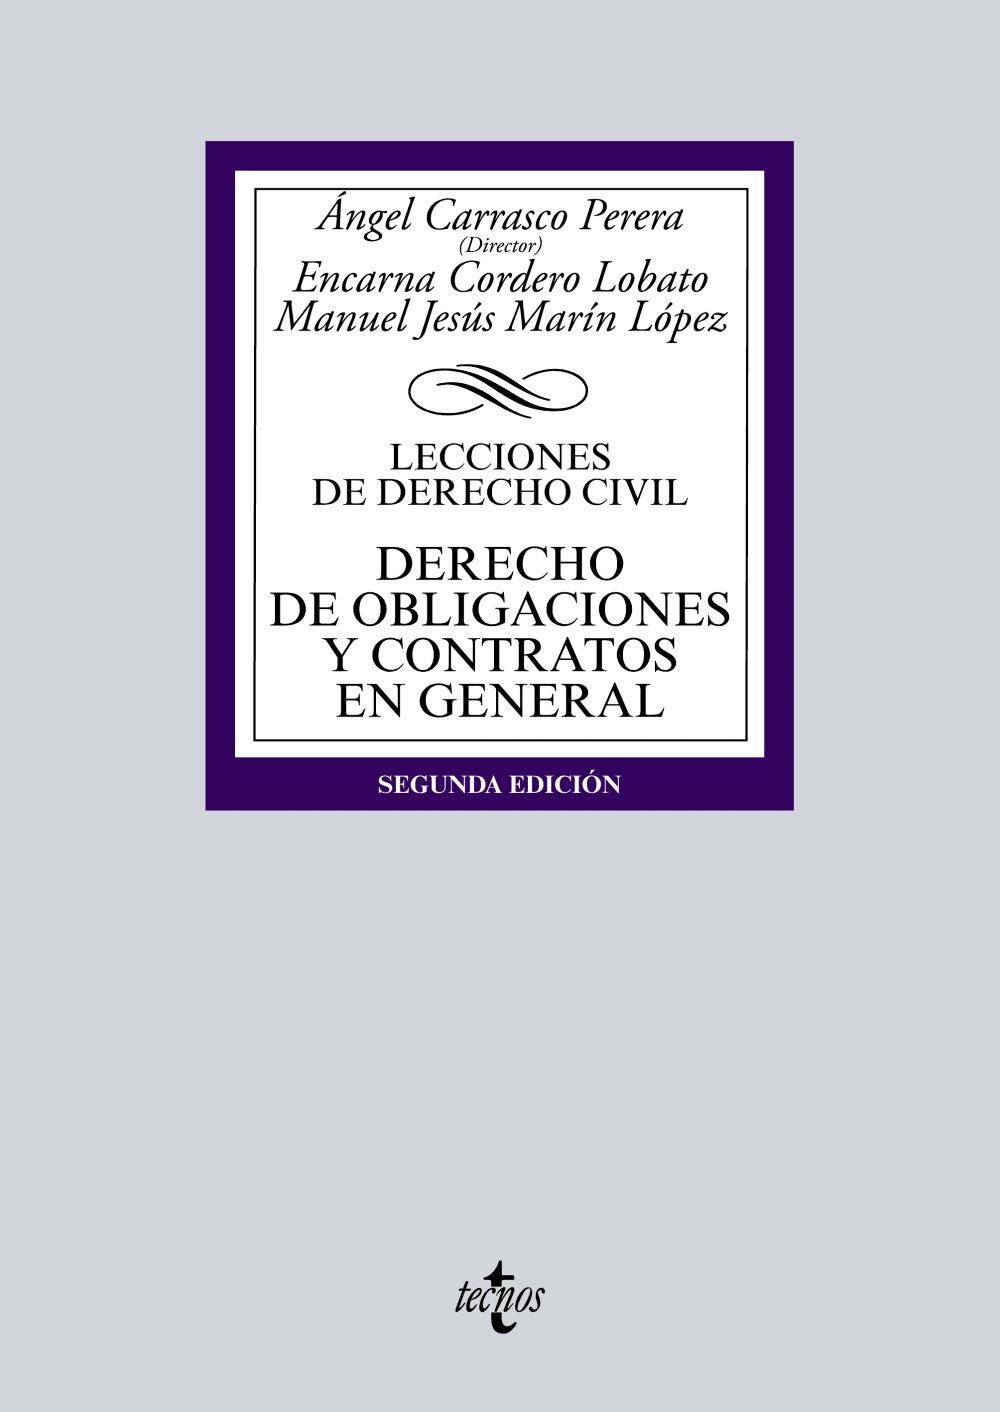 Read Online Derecho de obligaciones y contratos ebook